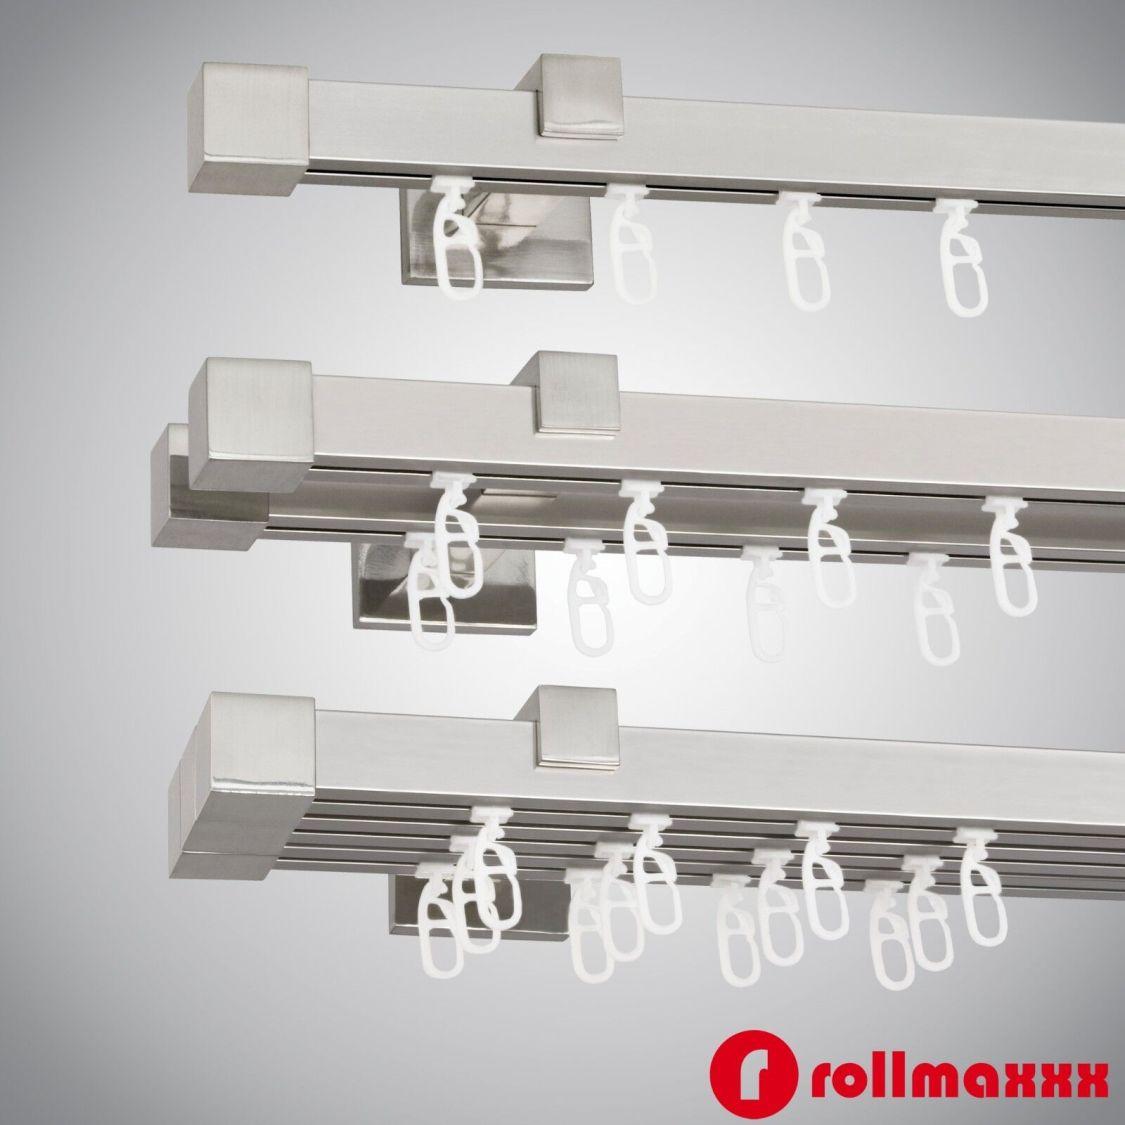 Gardinenstange Vorhangstange 20mm 1-, 2-, 3-läufig Edelstahl Design Metall